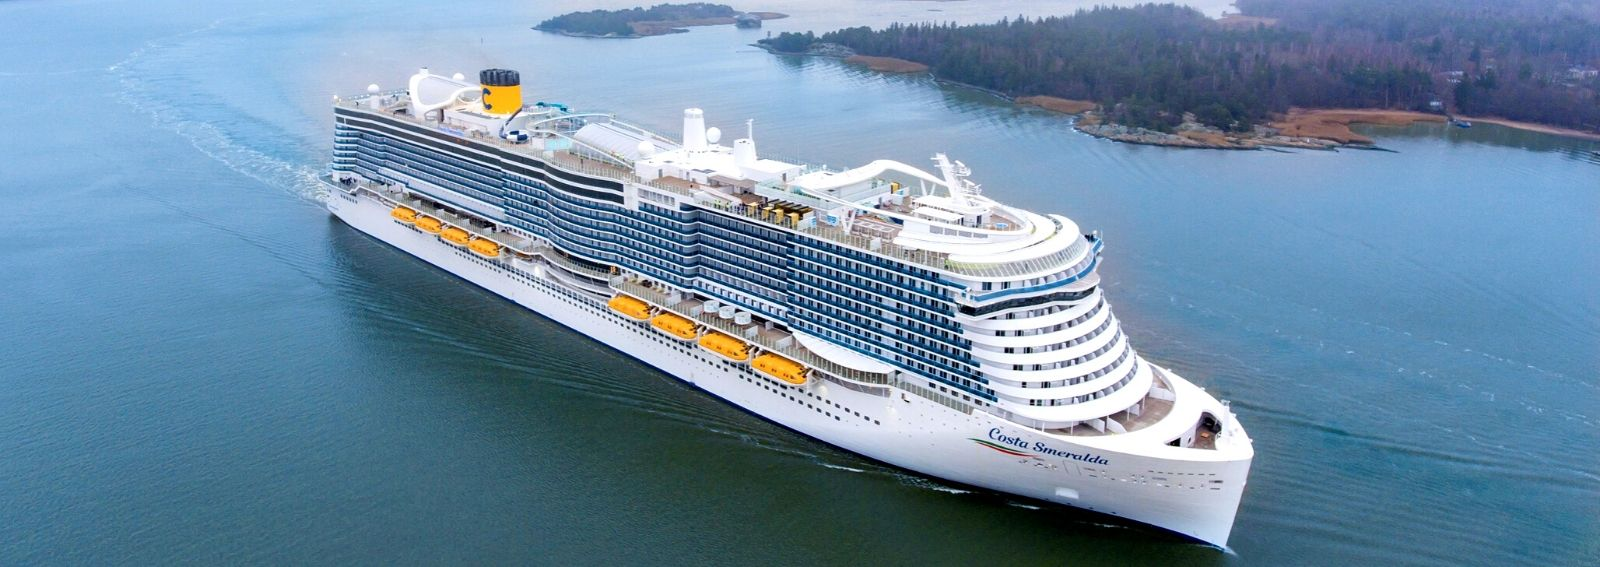 nuova nave Costa Smeralda Gruppo Costa crociere DESK